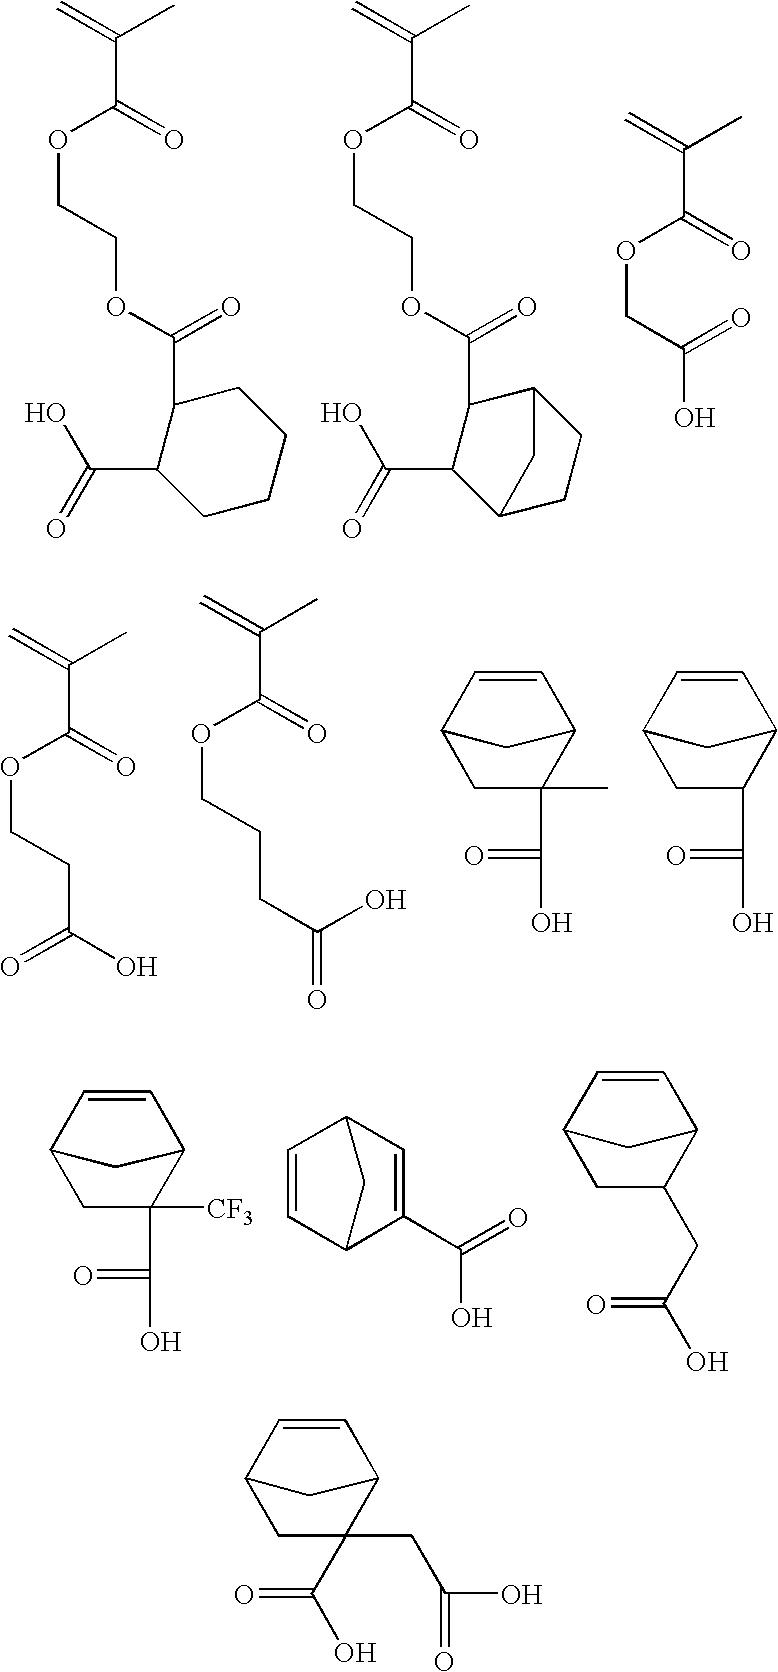 Figure US20100178617A1-20100715-C00047